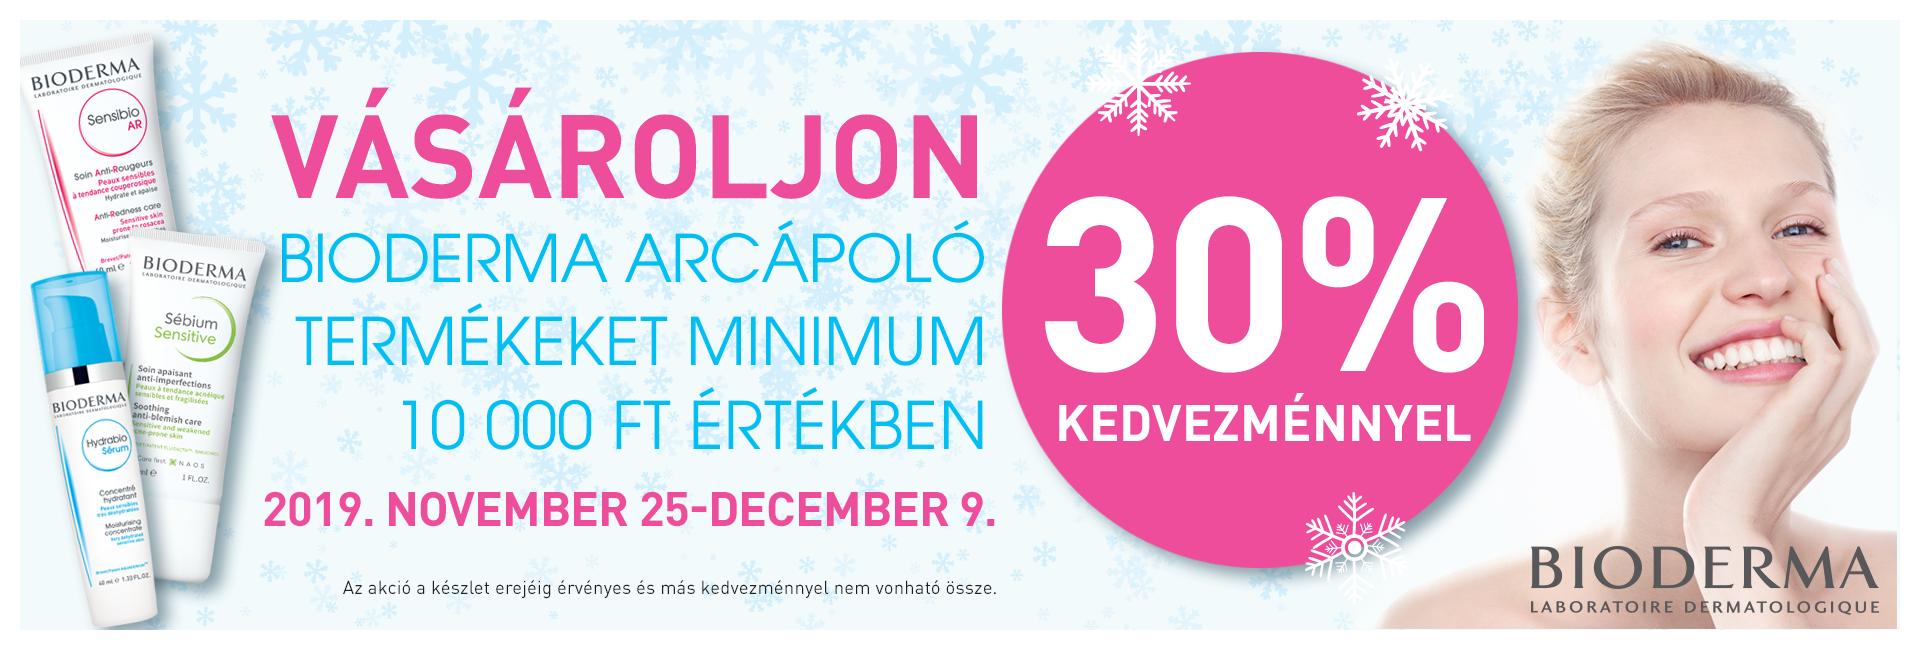 Vásároljon Bioderma arcápoló és arctisztító termékeket minimum 10.000 Ft értékben 30% kedvezménnyel!